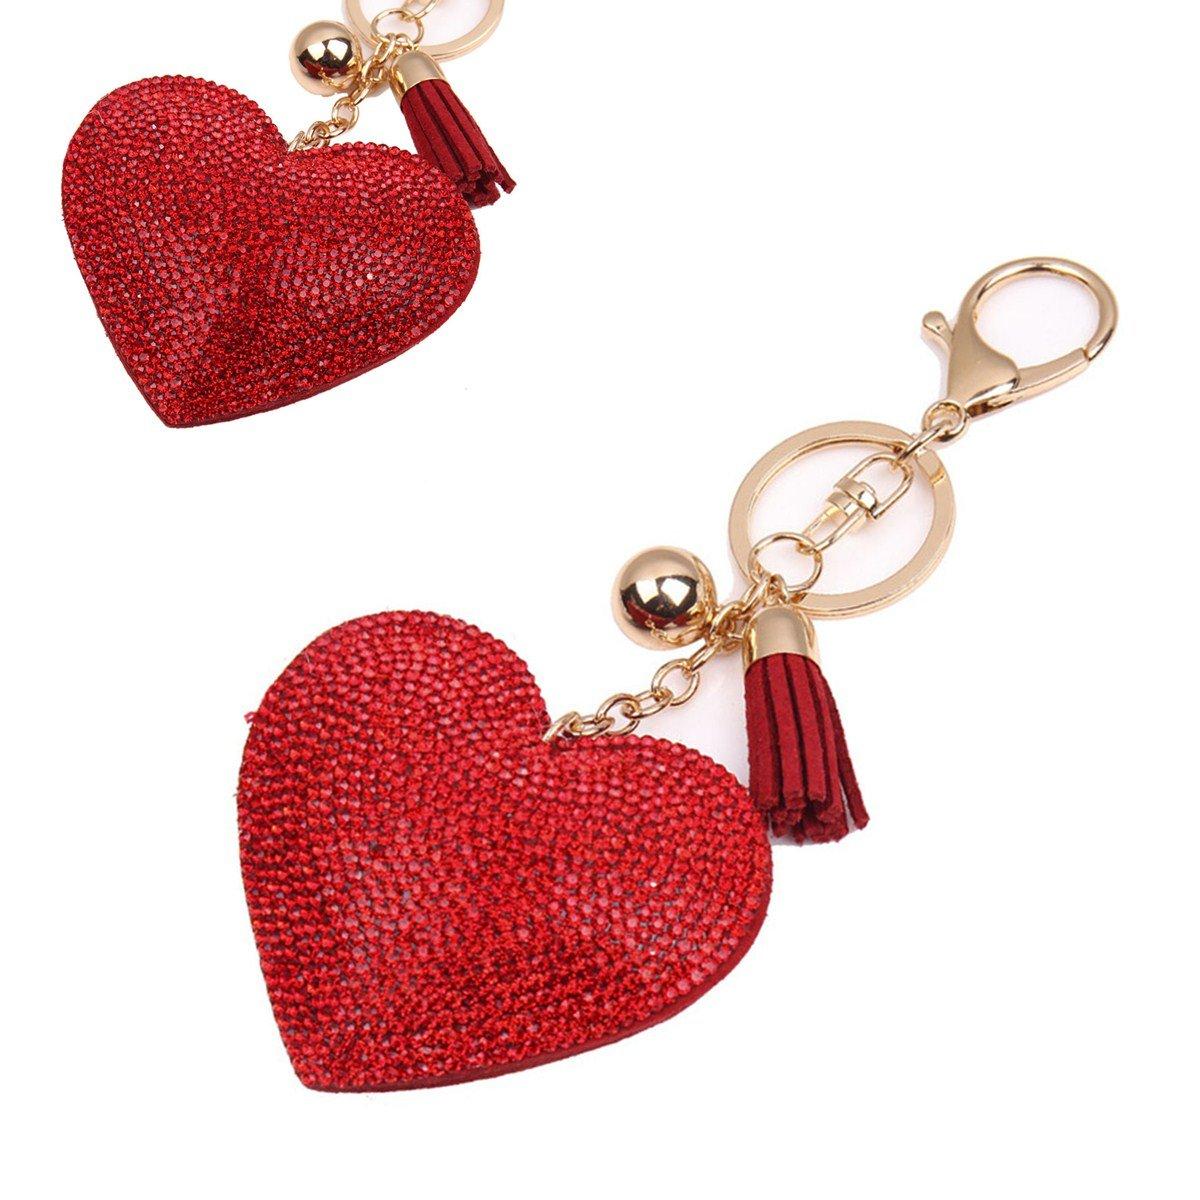 Amazon.com: LUOEM Valentine Key Chains Keychain Organizer ...